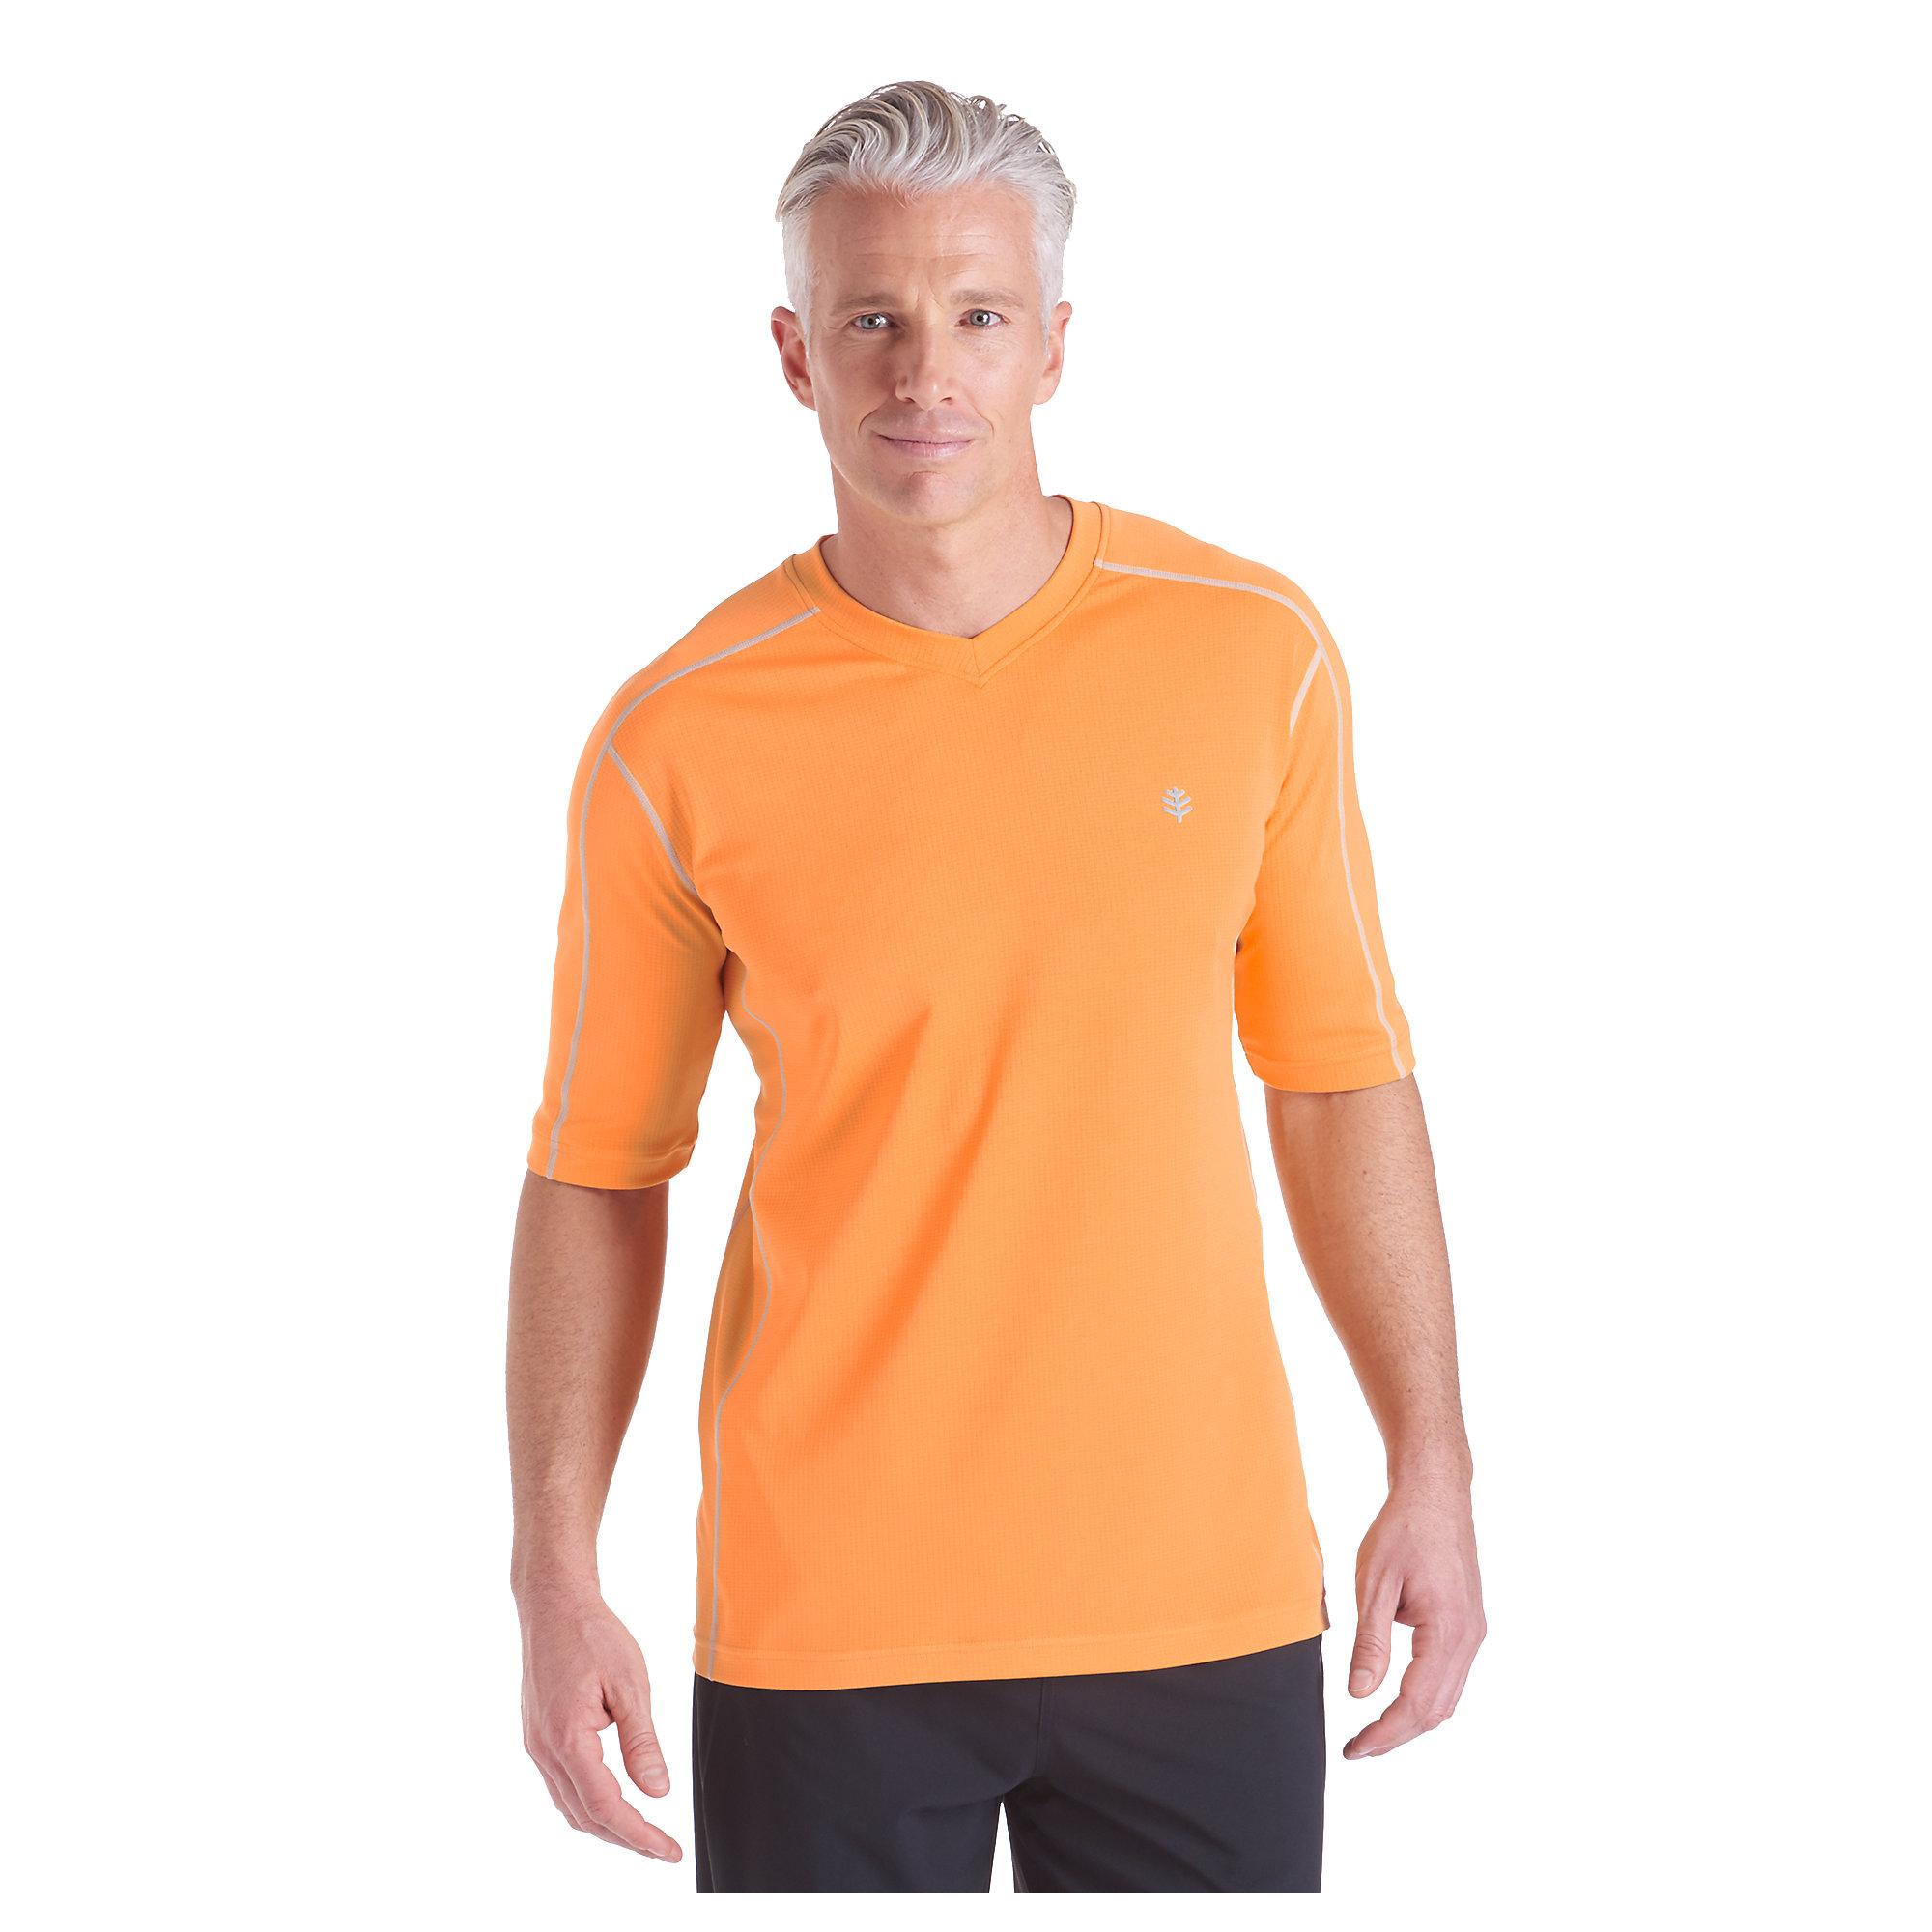 Coolibar Upf 50 Mens Short Sleeve Cool Fitness Shirt Sun